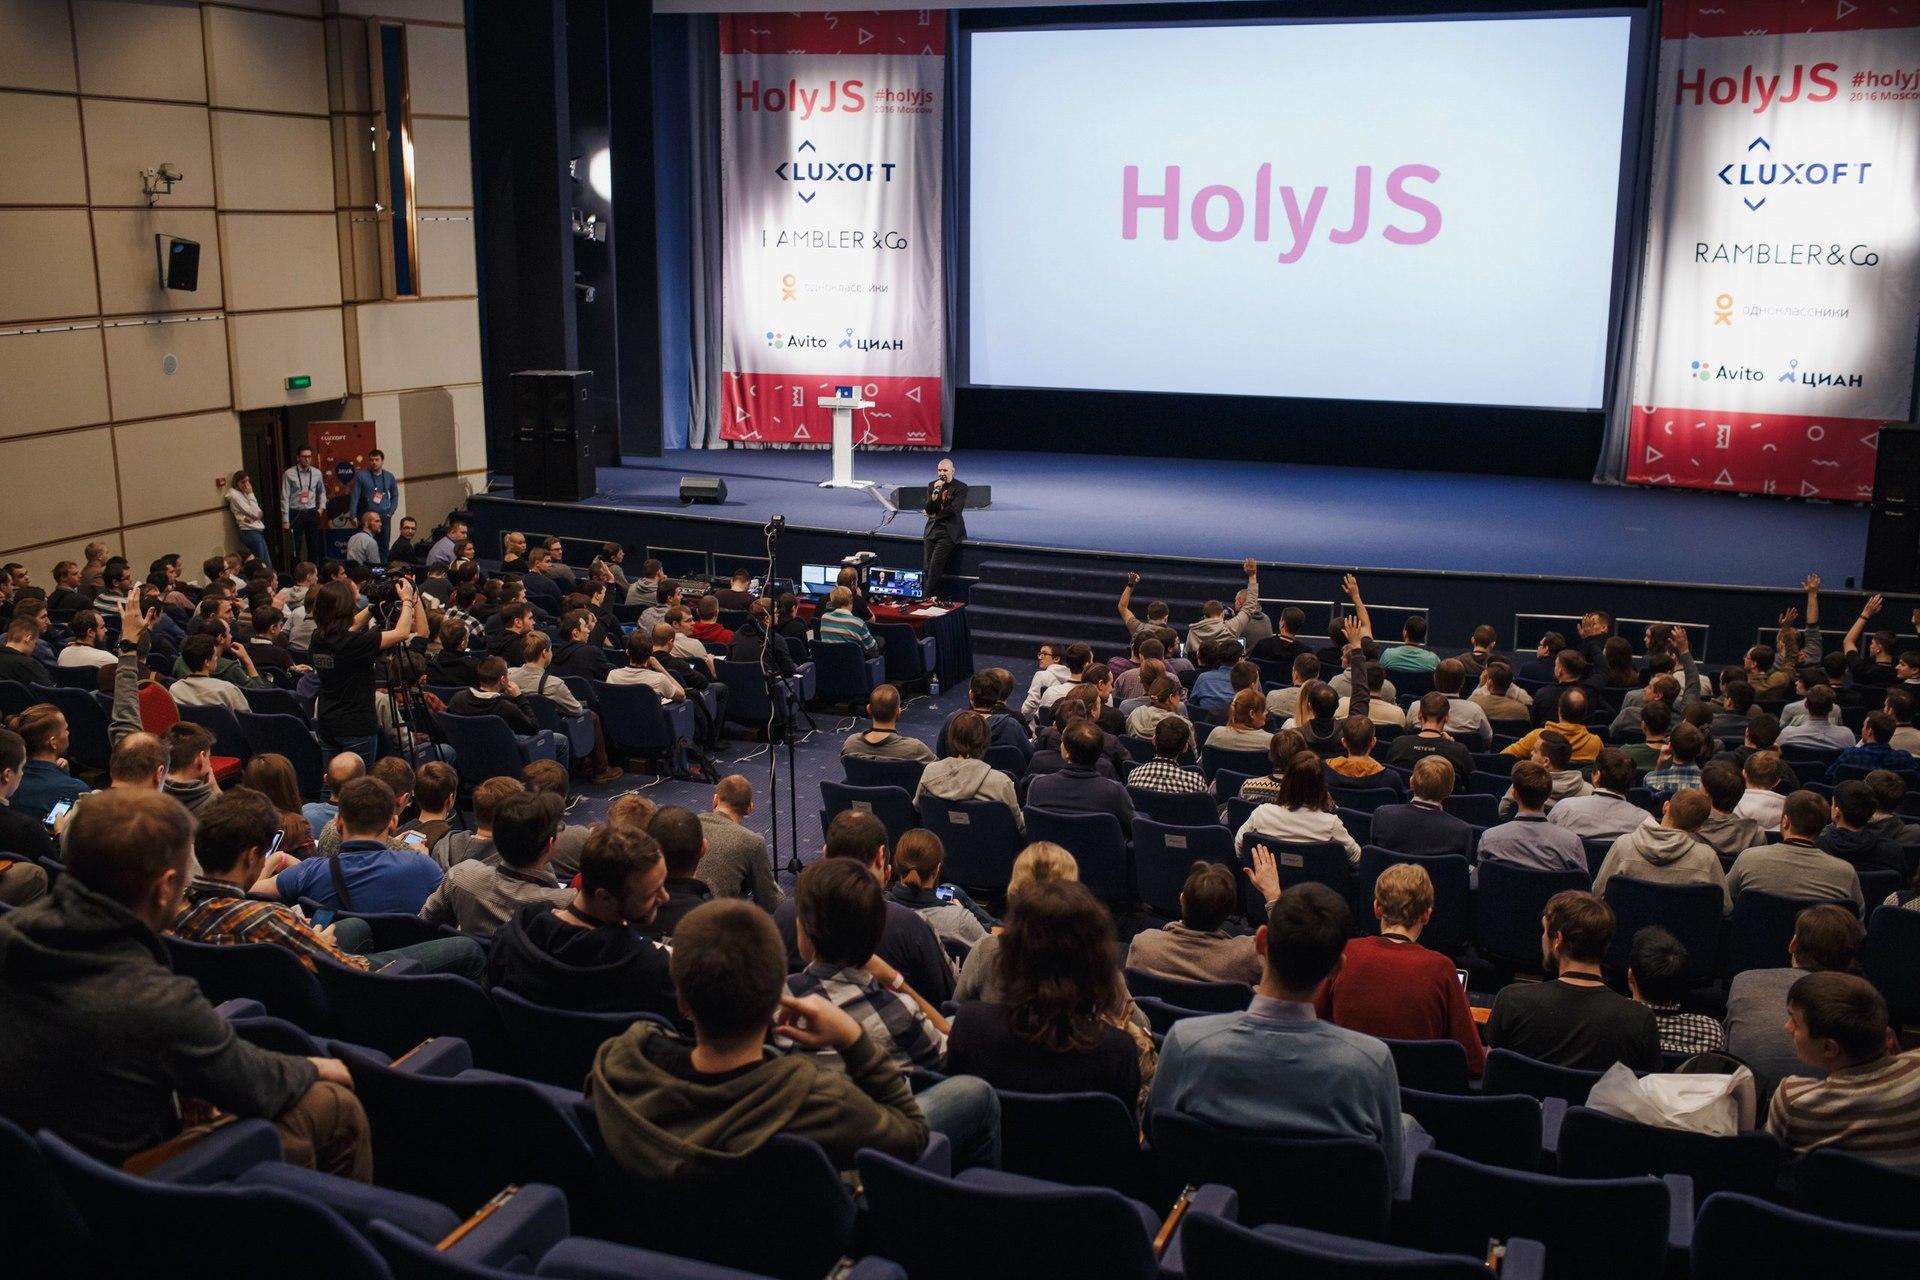 Анонс HolyJS 2017 Piter: Больше JavaScript, хорошего и разного